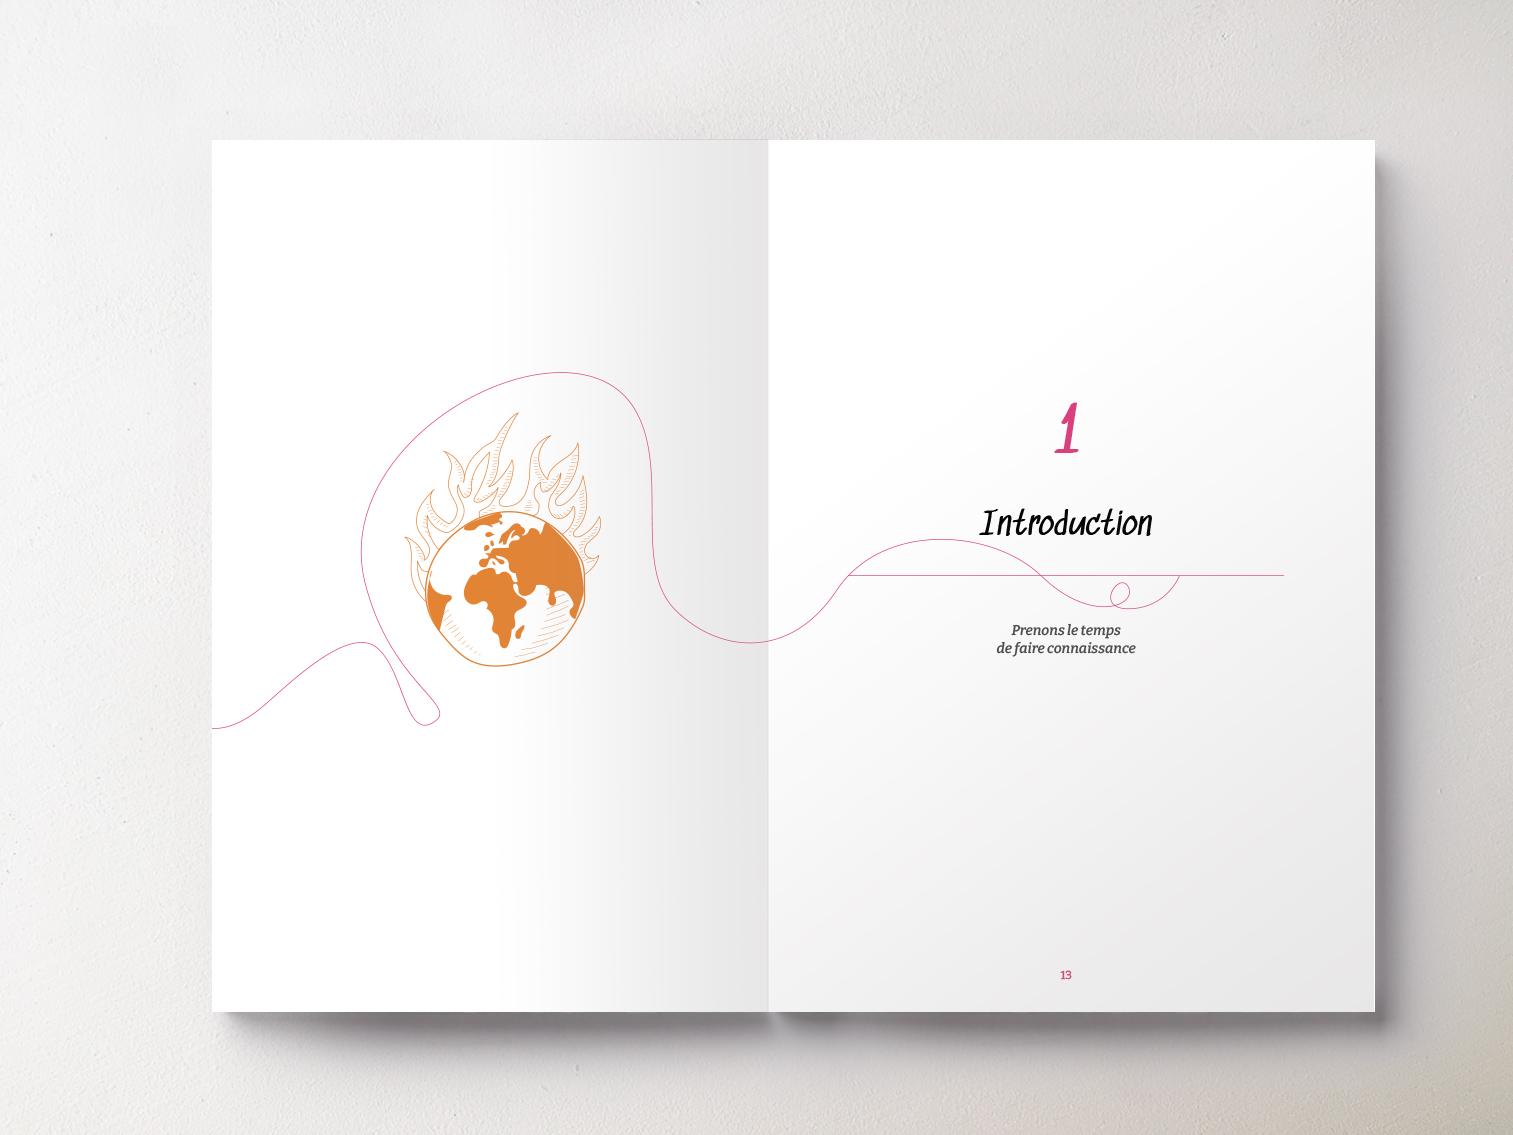 Livre Méthode Lance pages chapitre